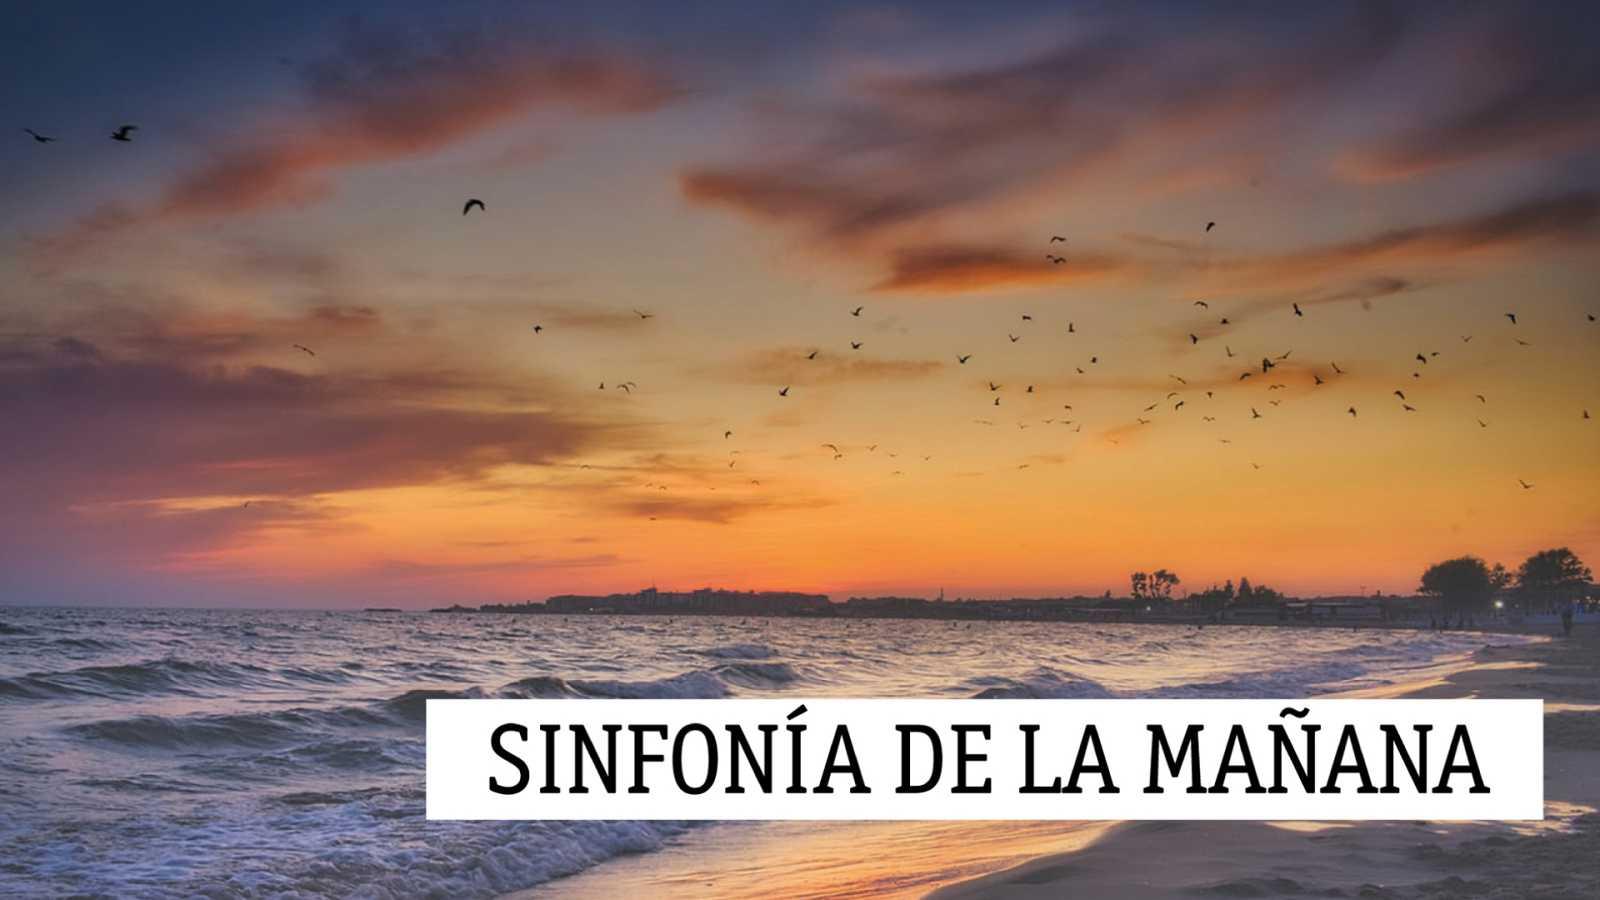 Sinfonía de la mañana - Centenario de la muerte de Caruso - 10/06/21 - escuchar ahora